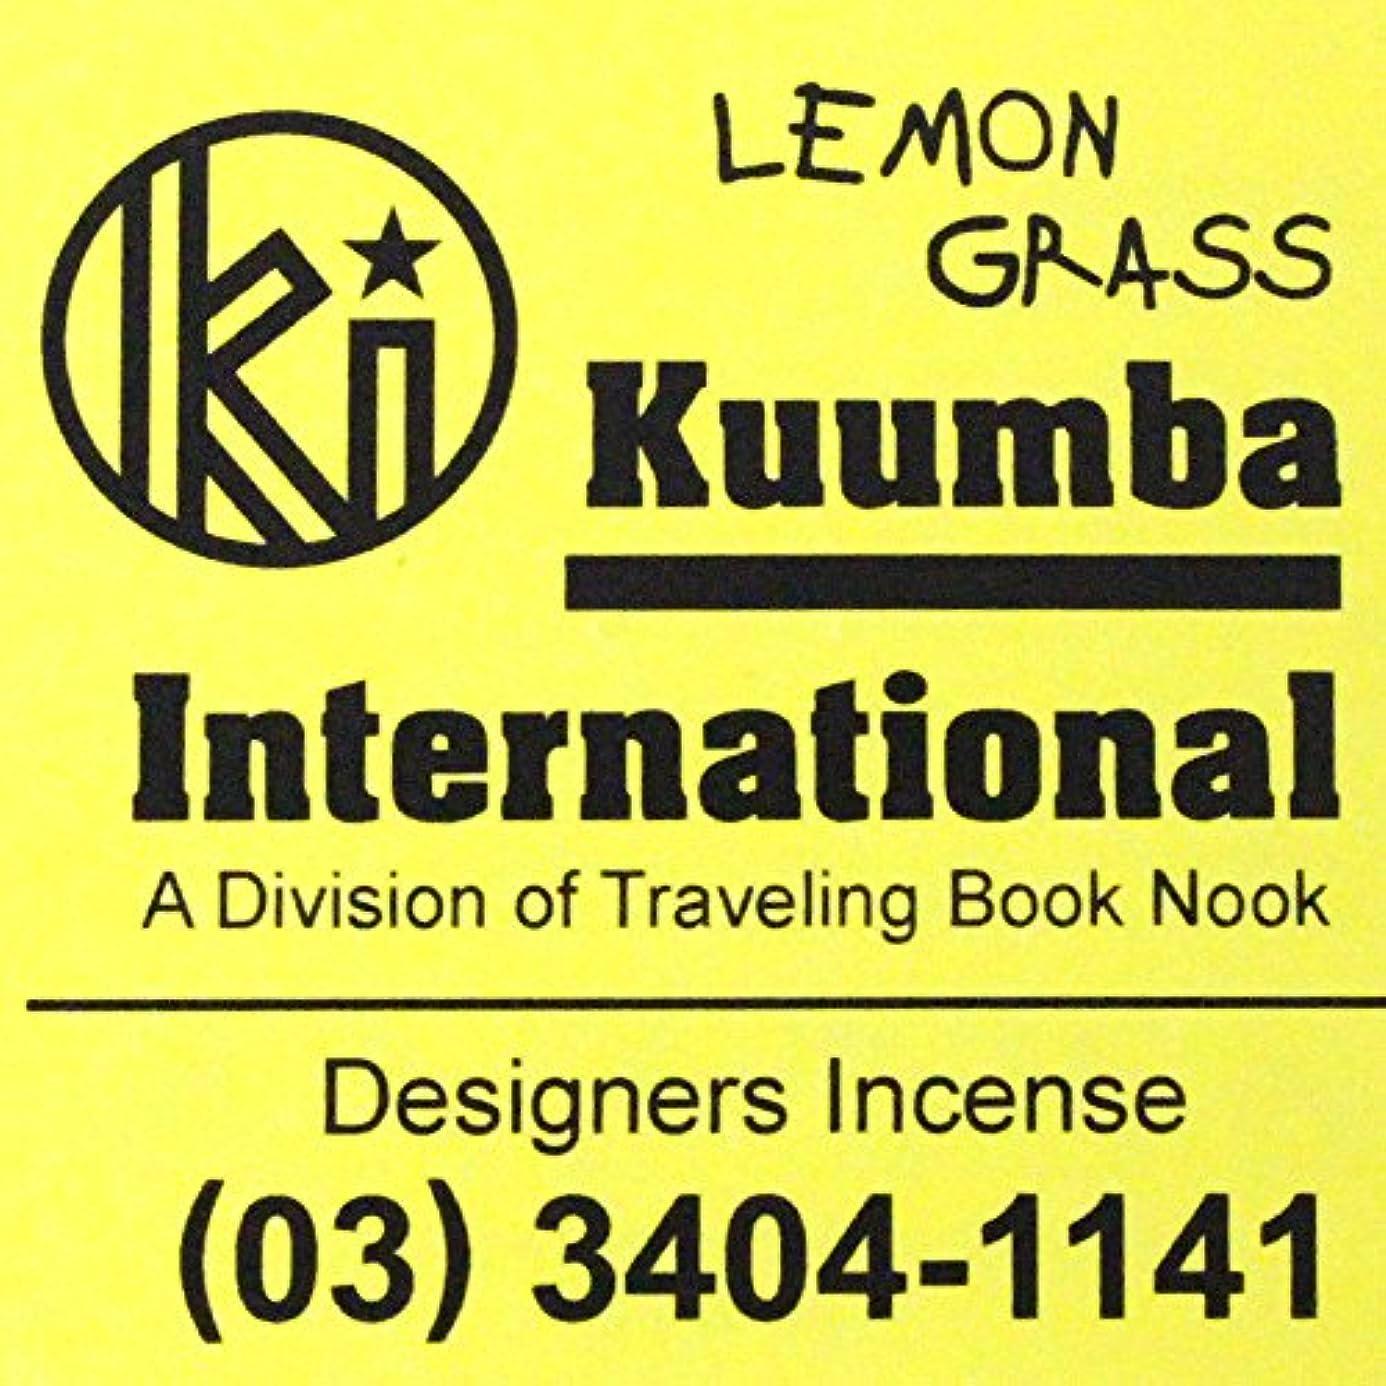 はいネックレット鳴らす(クンバ) KUUMBA『incense』(LEMON GRASS) (Regular size)